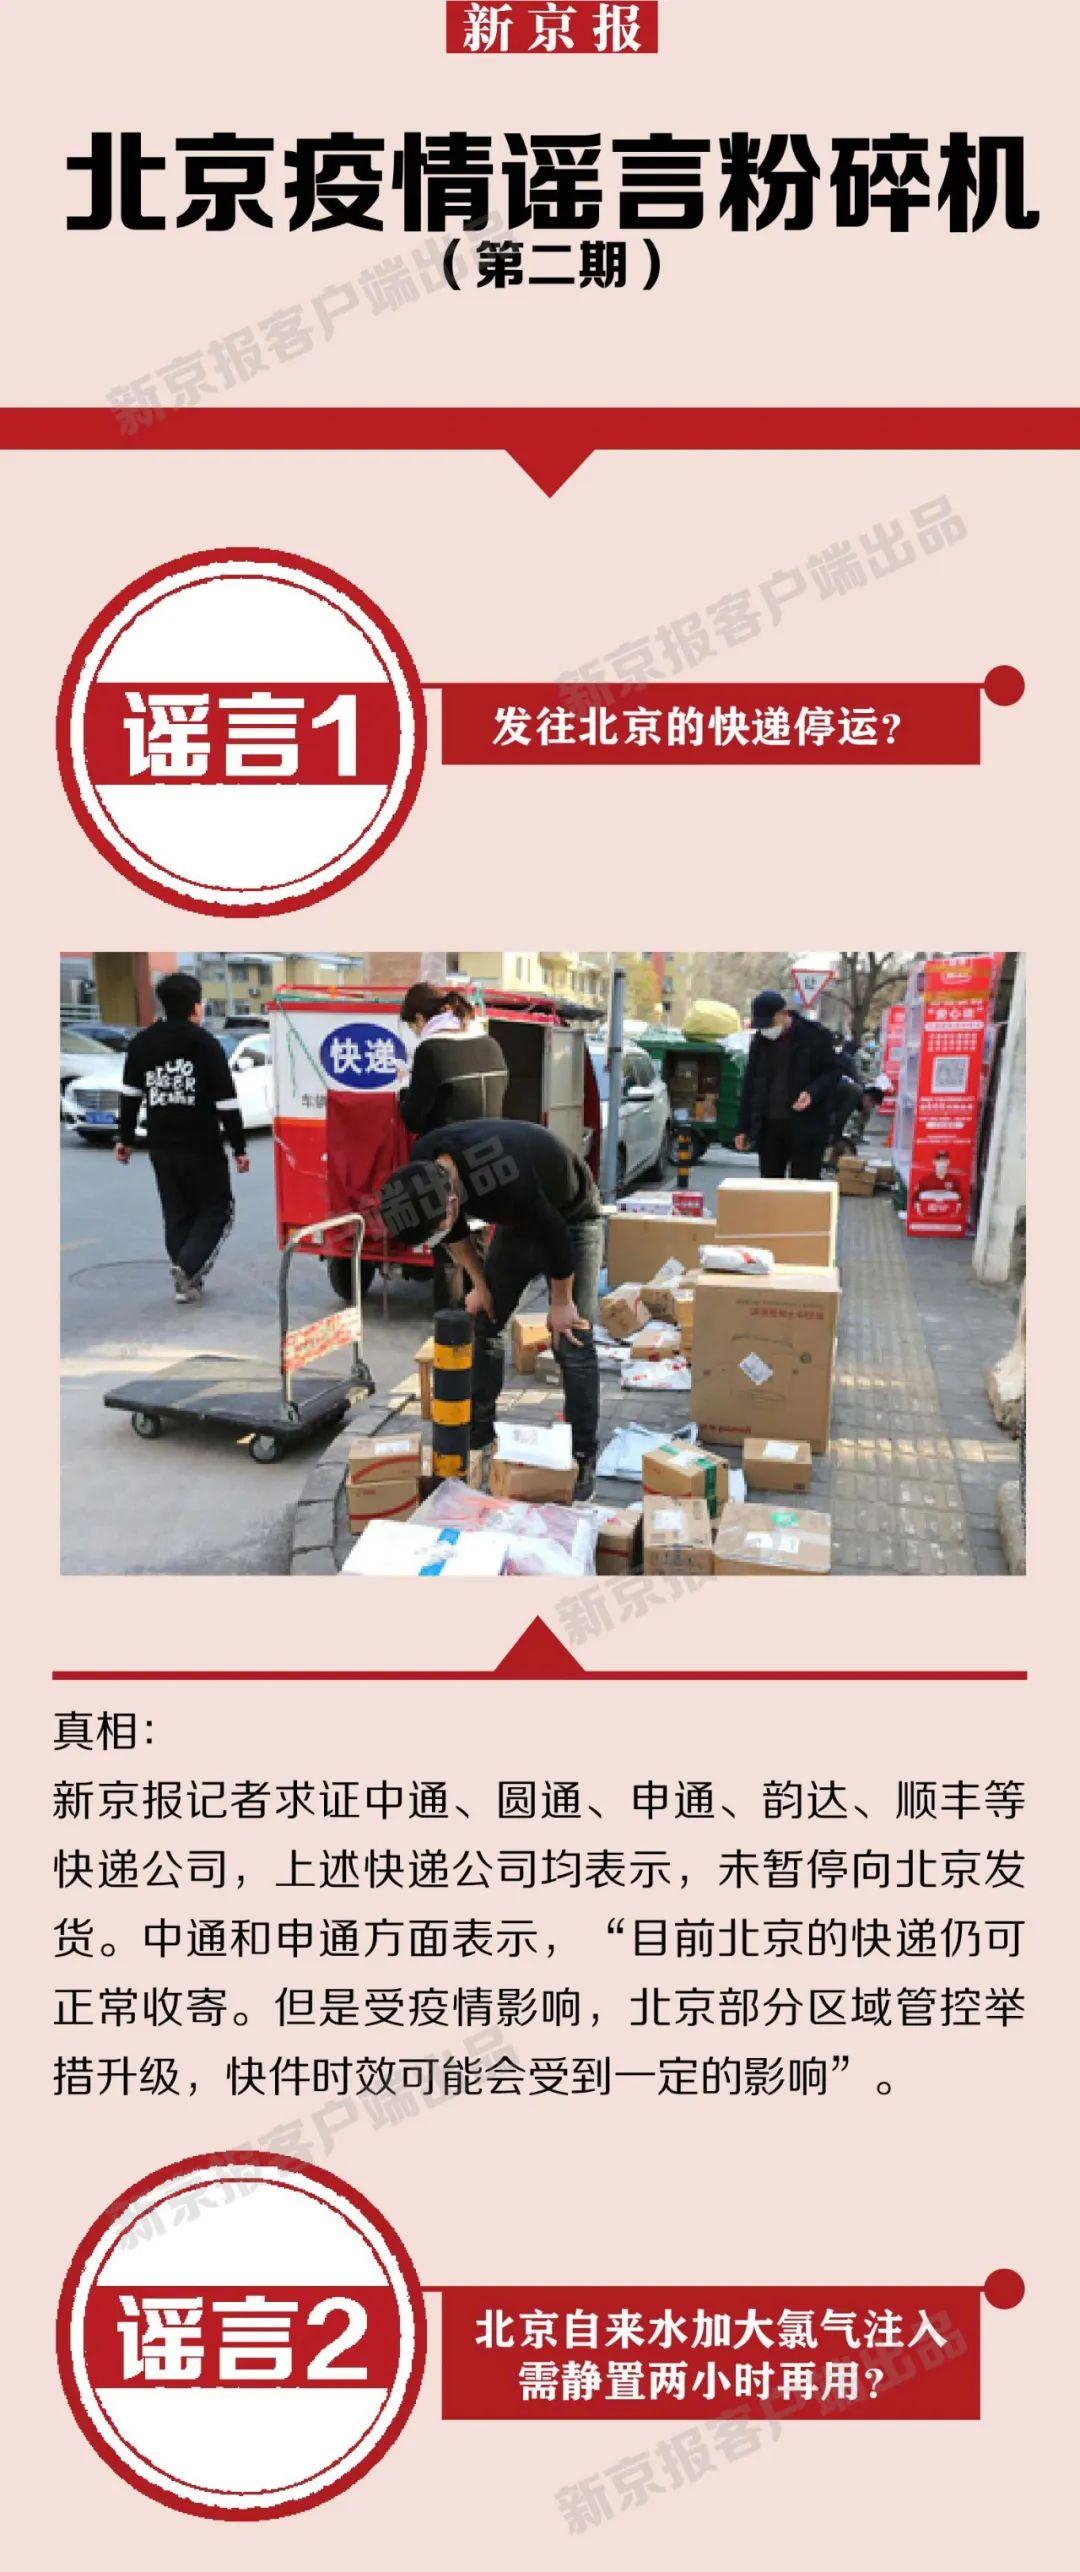 摩天平台:人被送到摩天平台唐山隔离记者求证到了图片